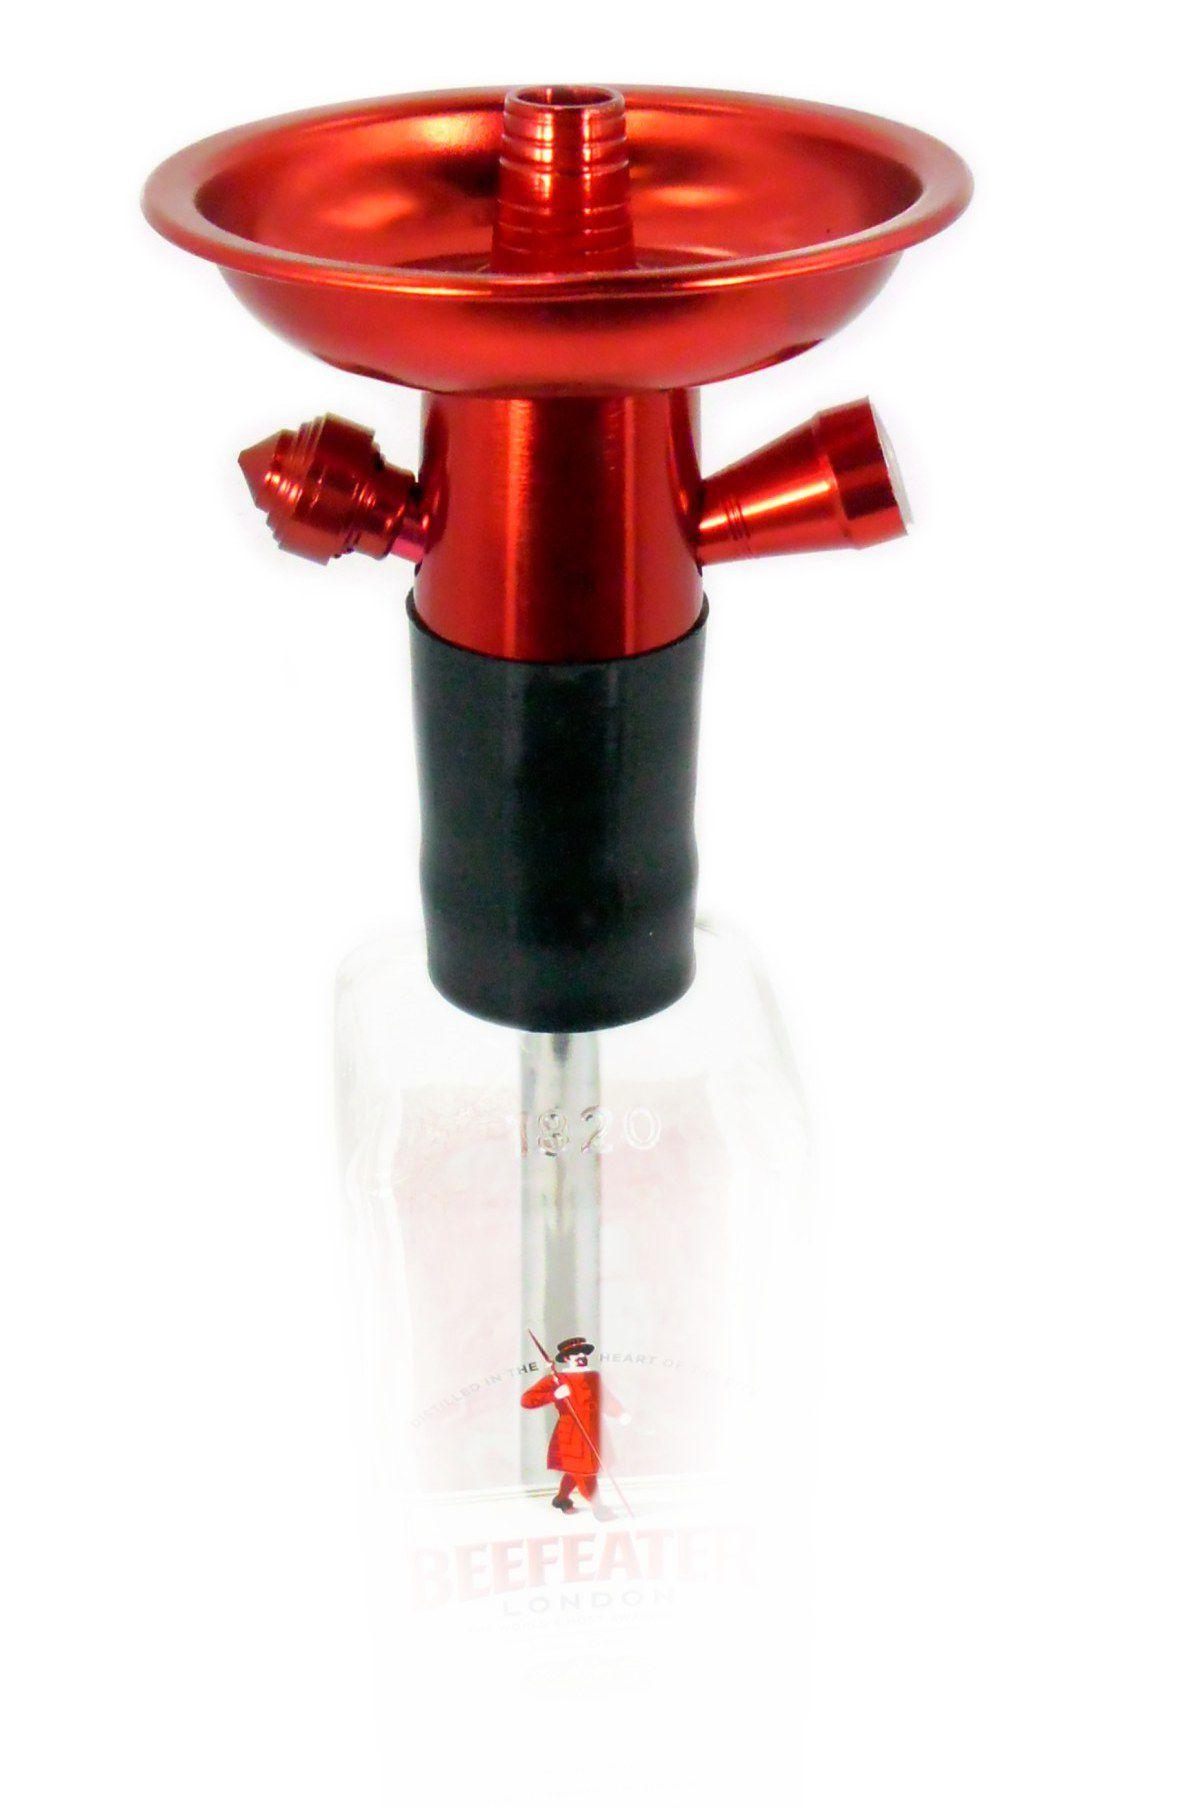 Stem (corpo de narguile) em alumínio p/NARGUILE DE GARRAFA, COM PRATO e tubo interno. 26cm. VERMELHO